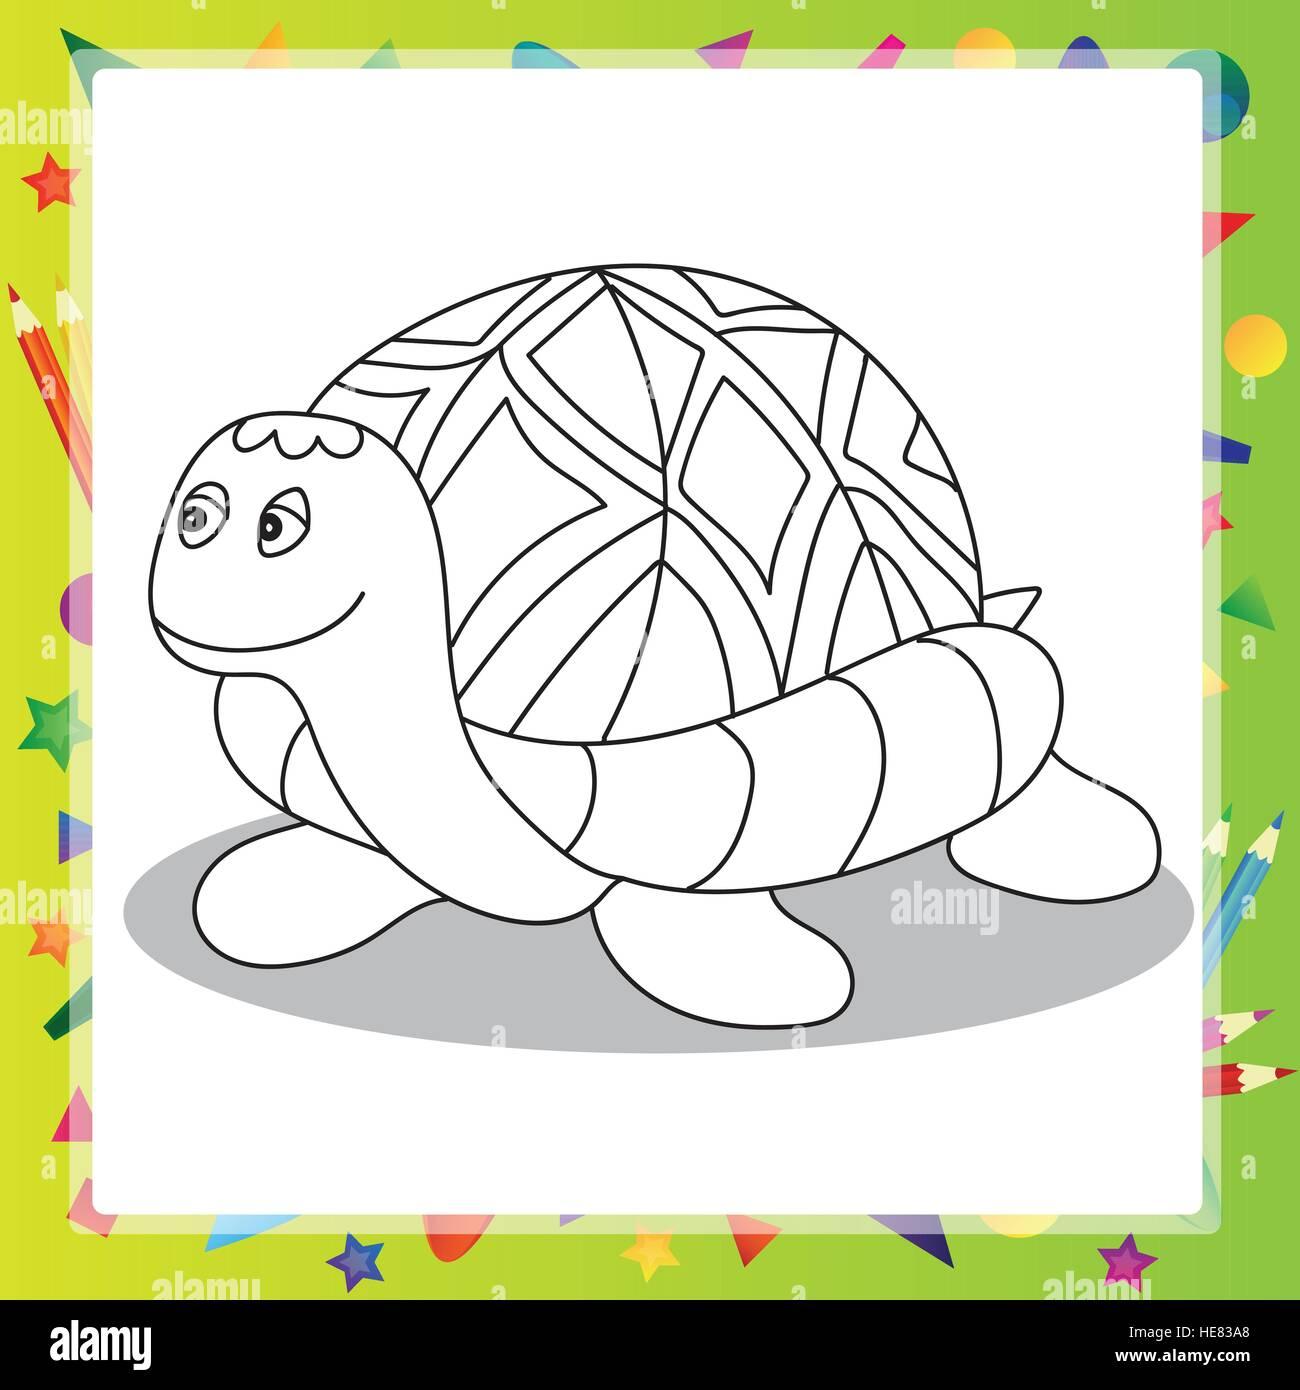 Vektor-Illustration Karikatur Schildkröte - Malbuch Vektor Abbildung ...